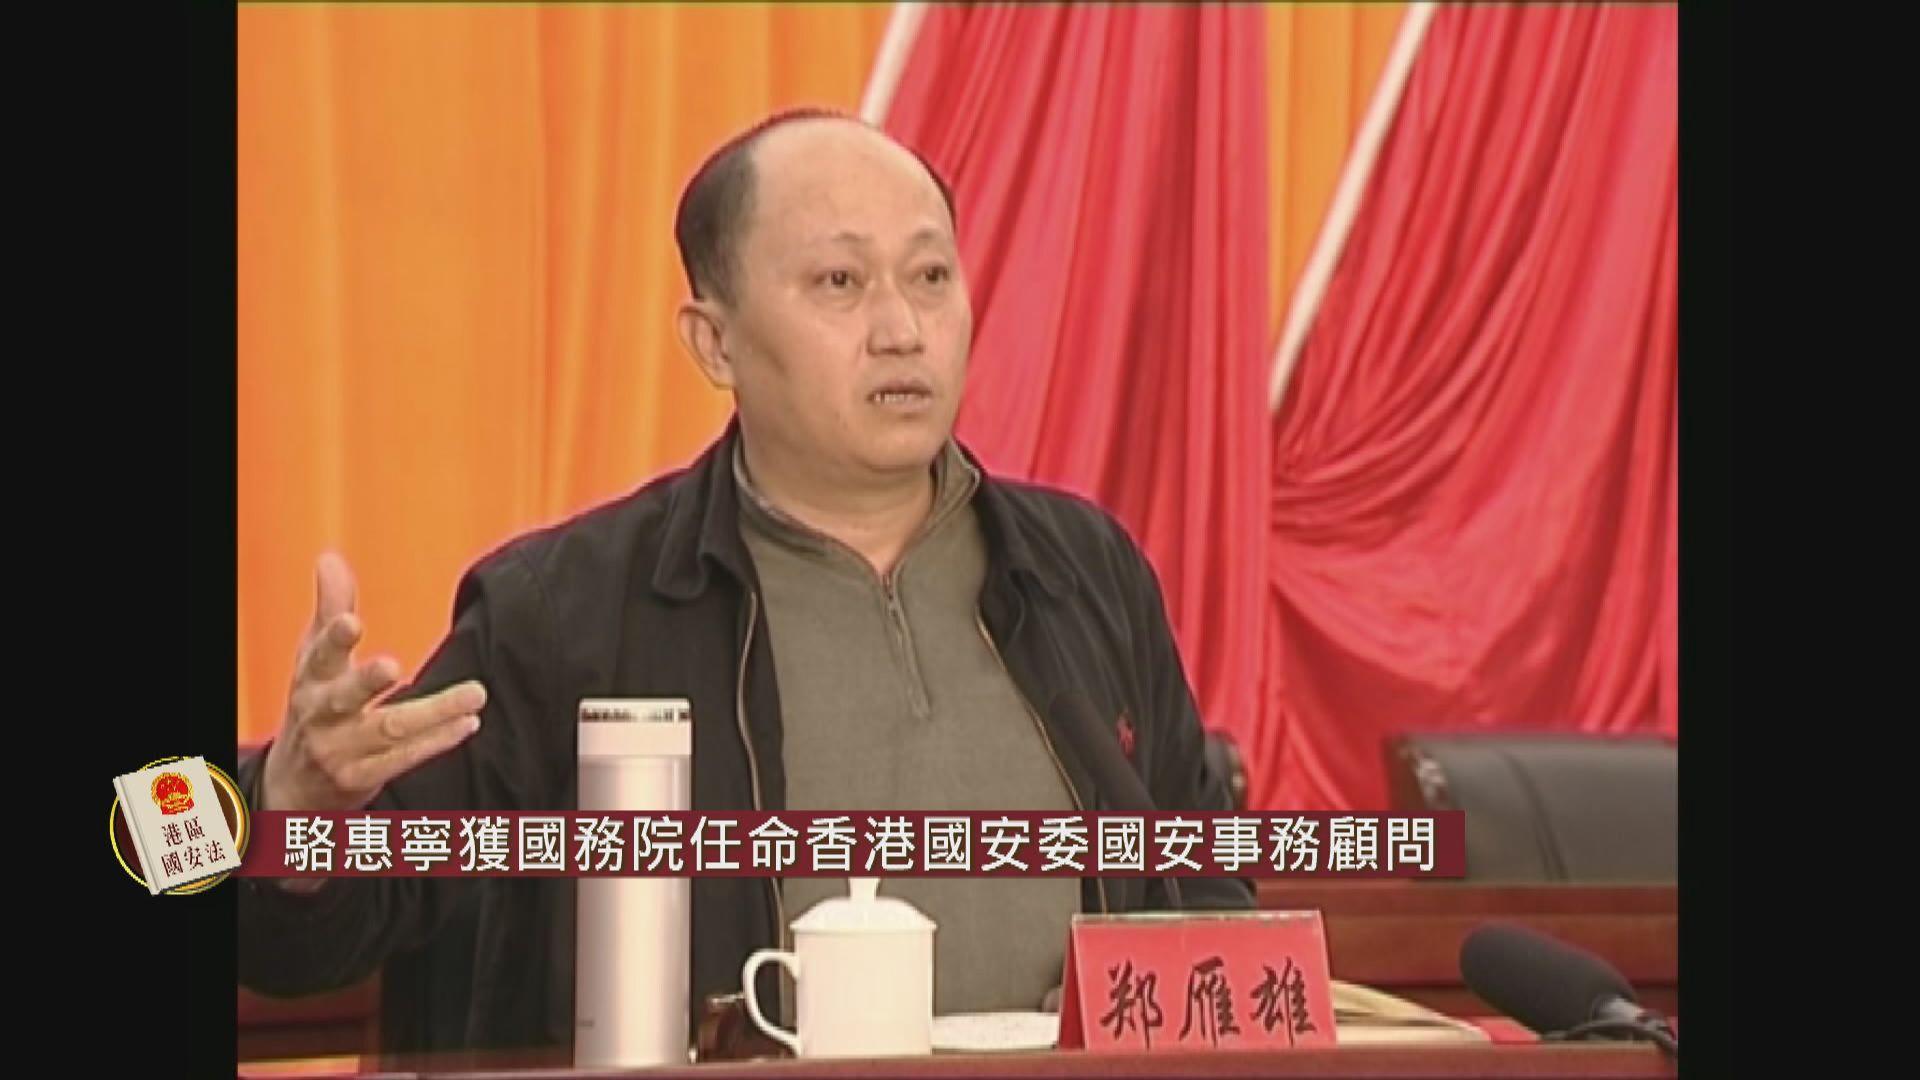 鄭雁雄獲任命為駐港國安公署署長 曾處理烏坎村事件